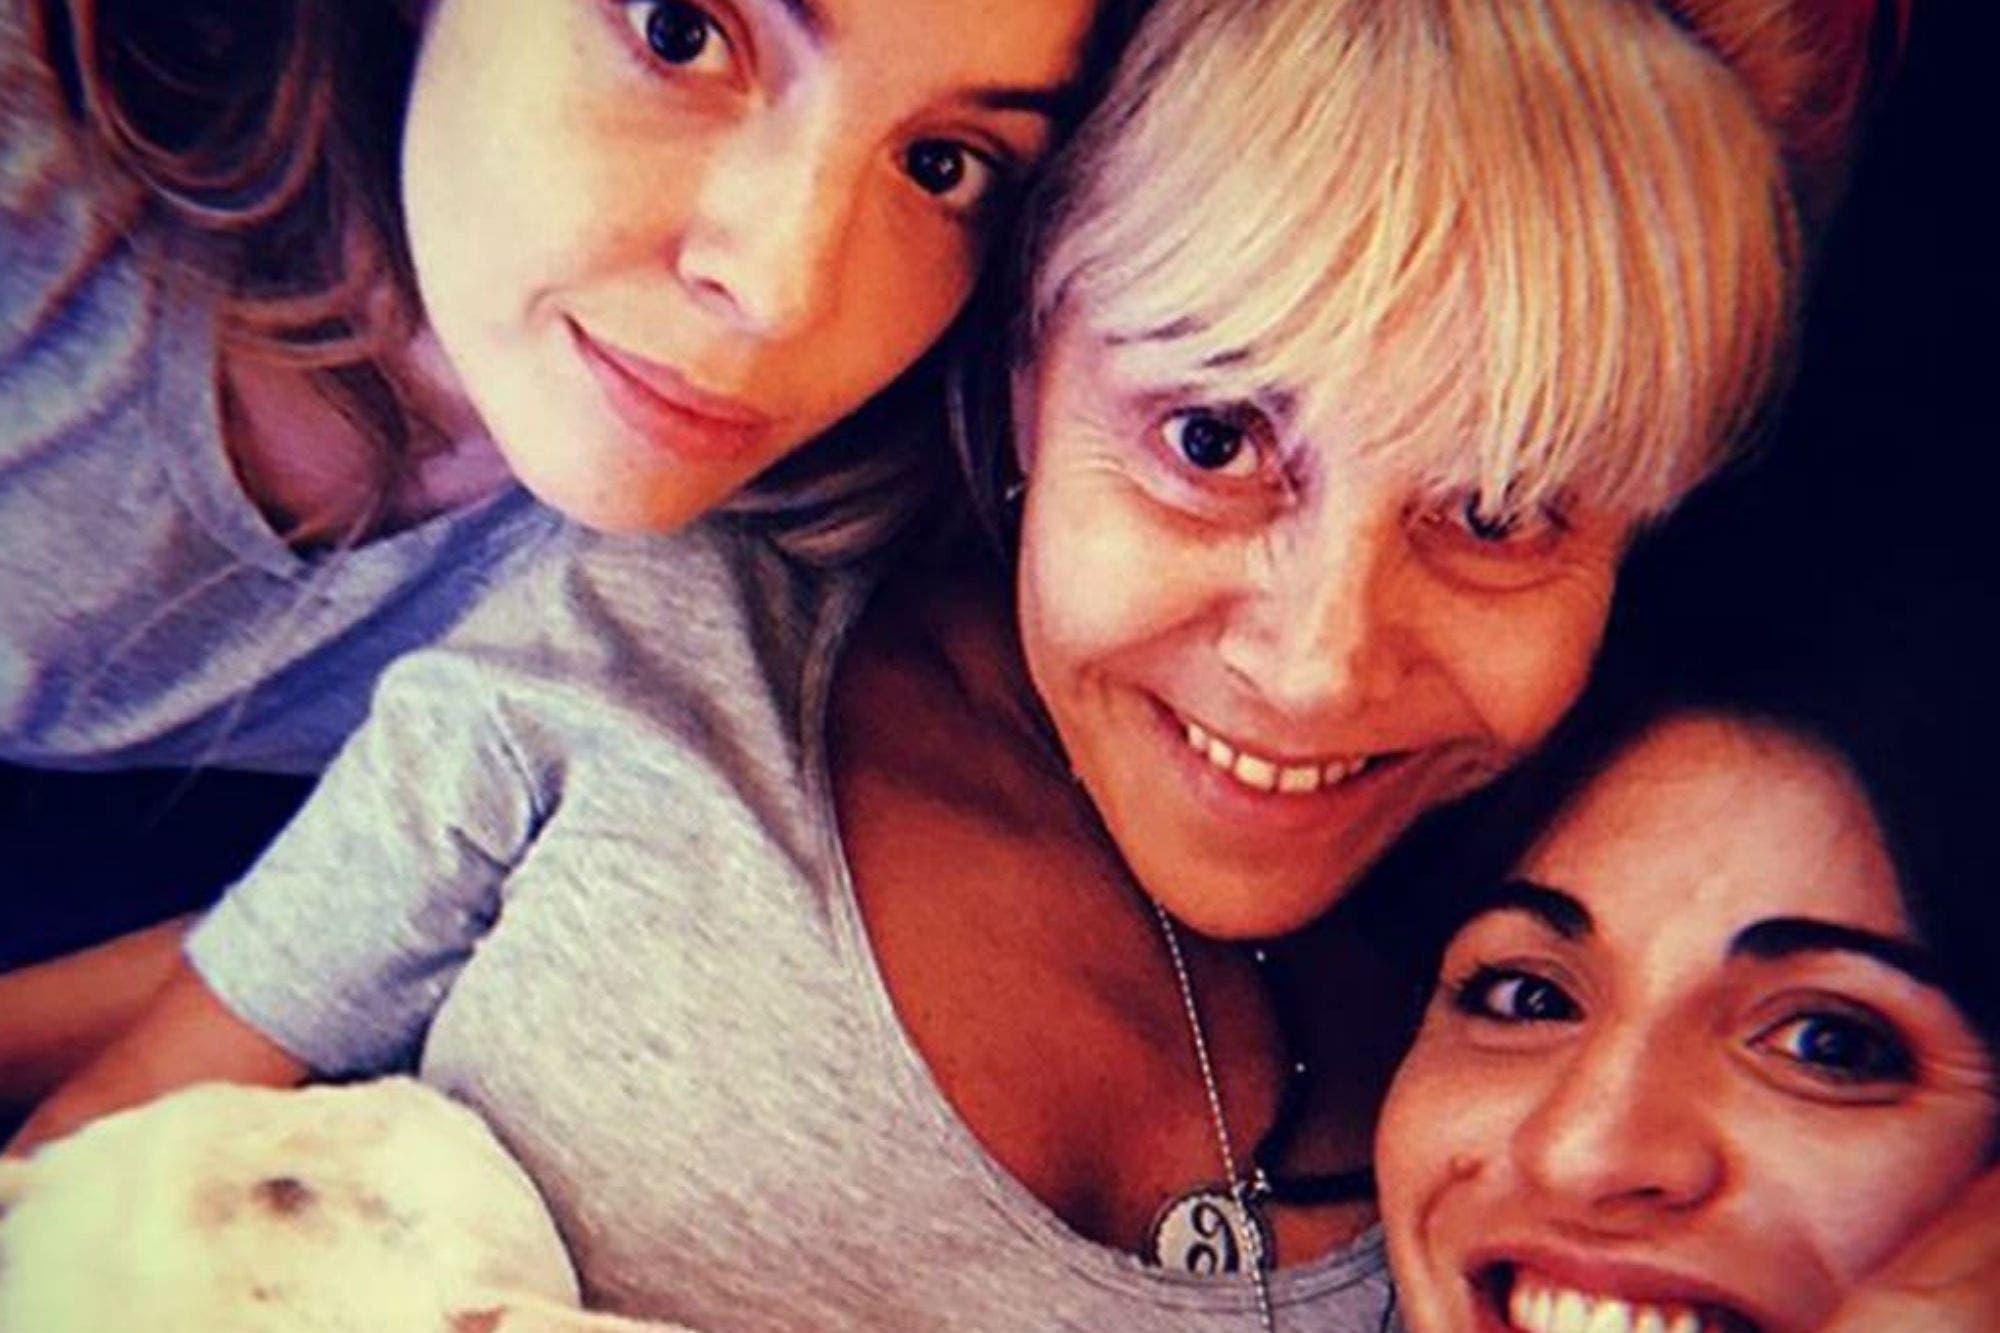 El provocativo mensaje de apoyo de Jorge Taiana a Claudia Villafañe, tras la inspección en su departamento